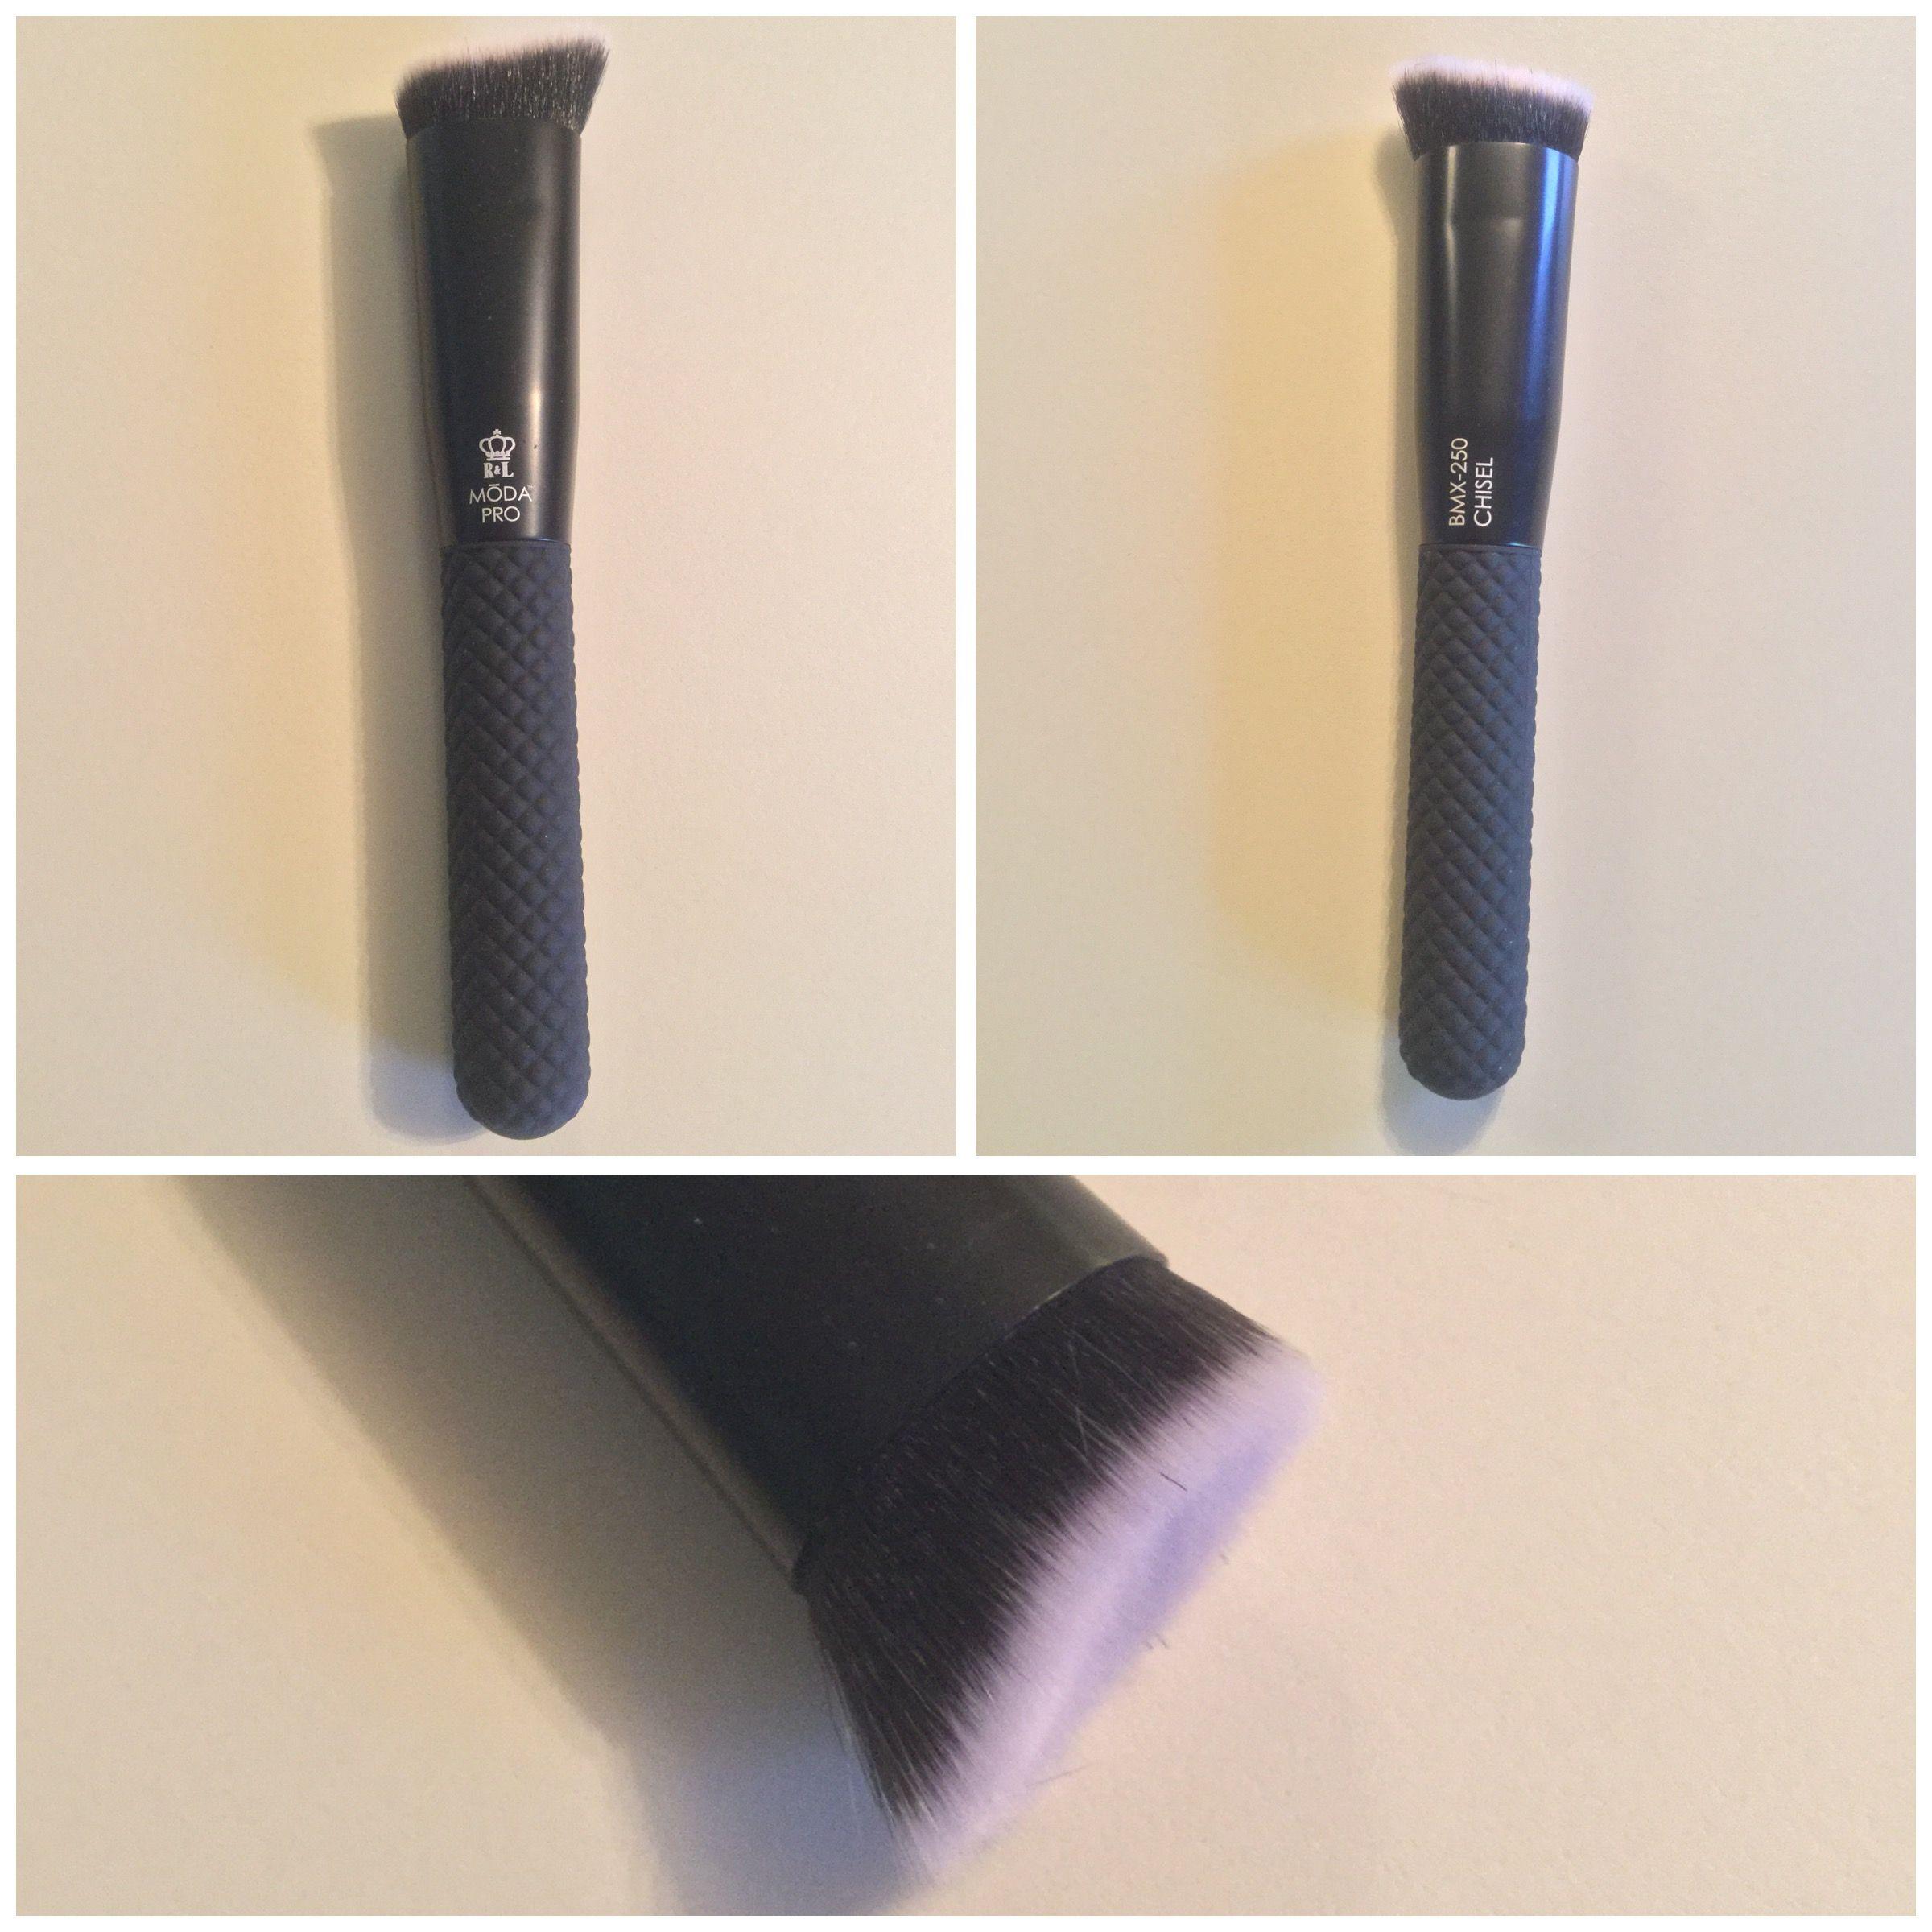 Moda BMX250 Chisel Brush, used once, from BoxyCharm